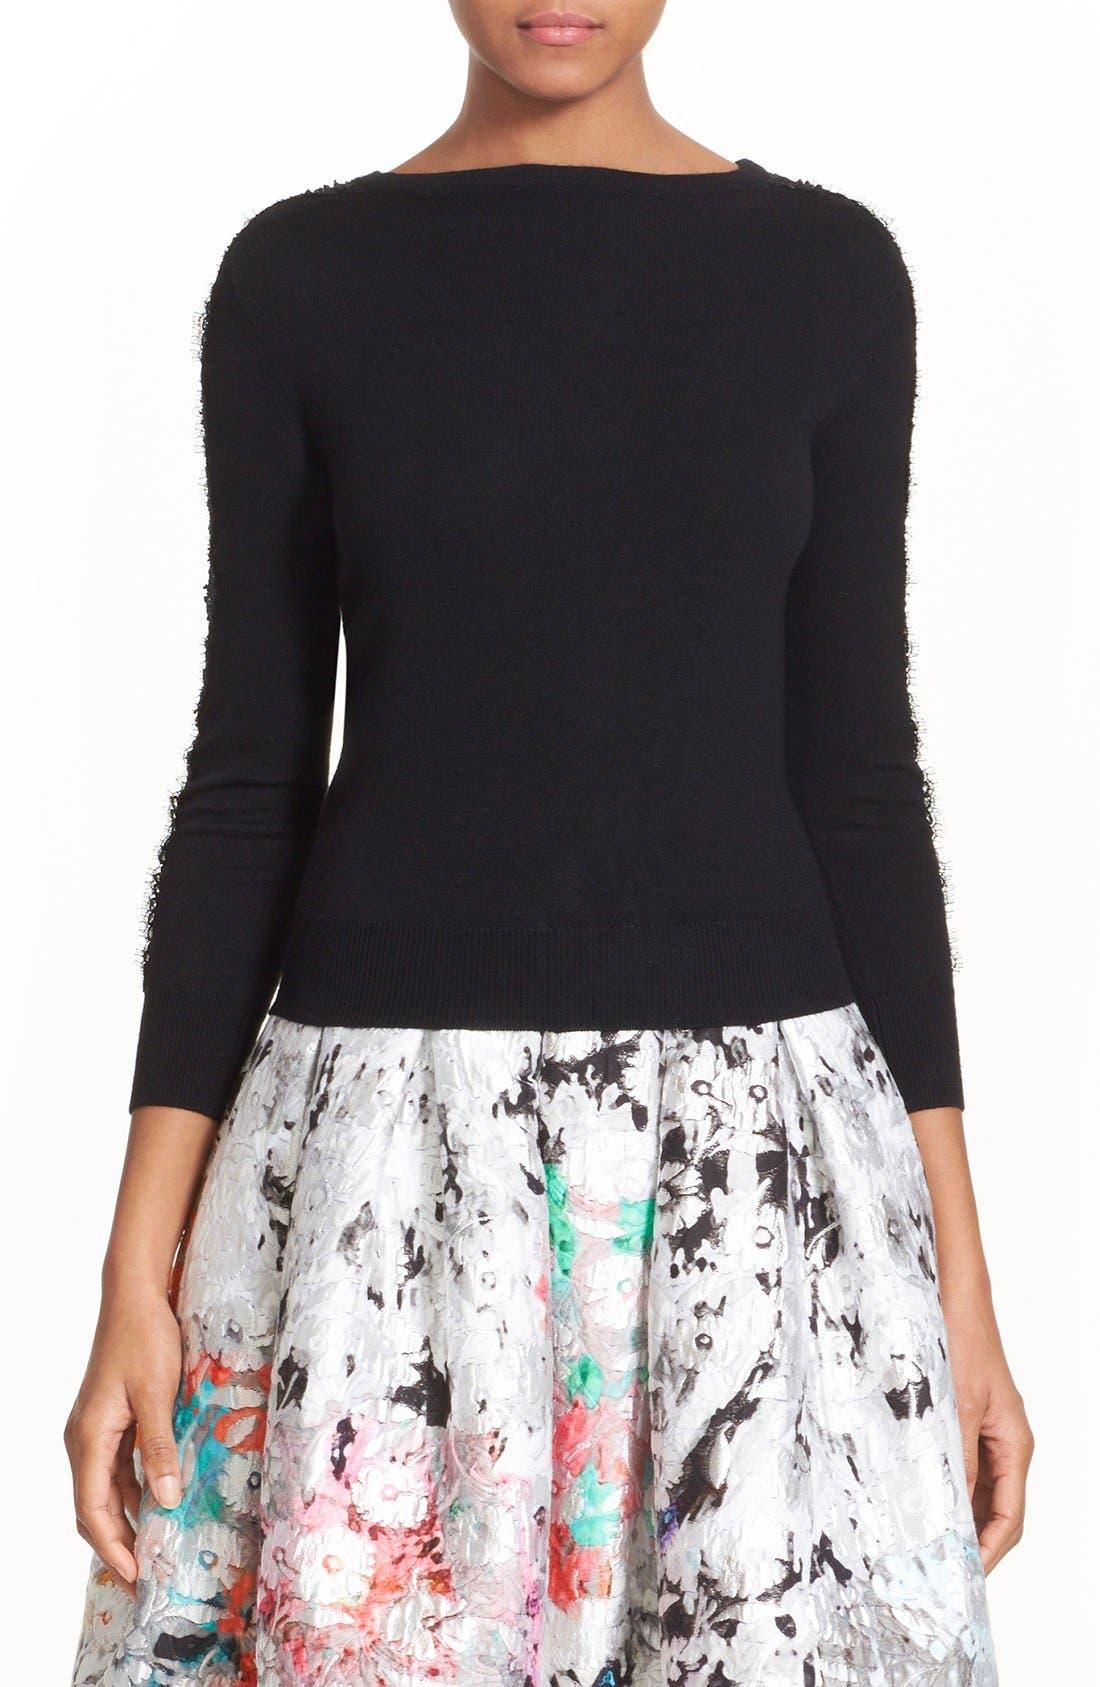 Alternate Image 1 Selected - Oscar de la Renta Embellished Floral Lace Inset Wool Sweater